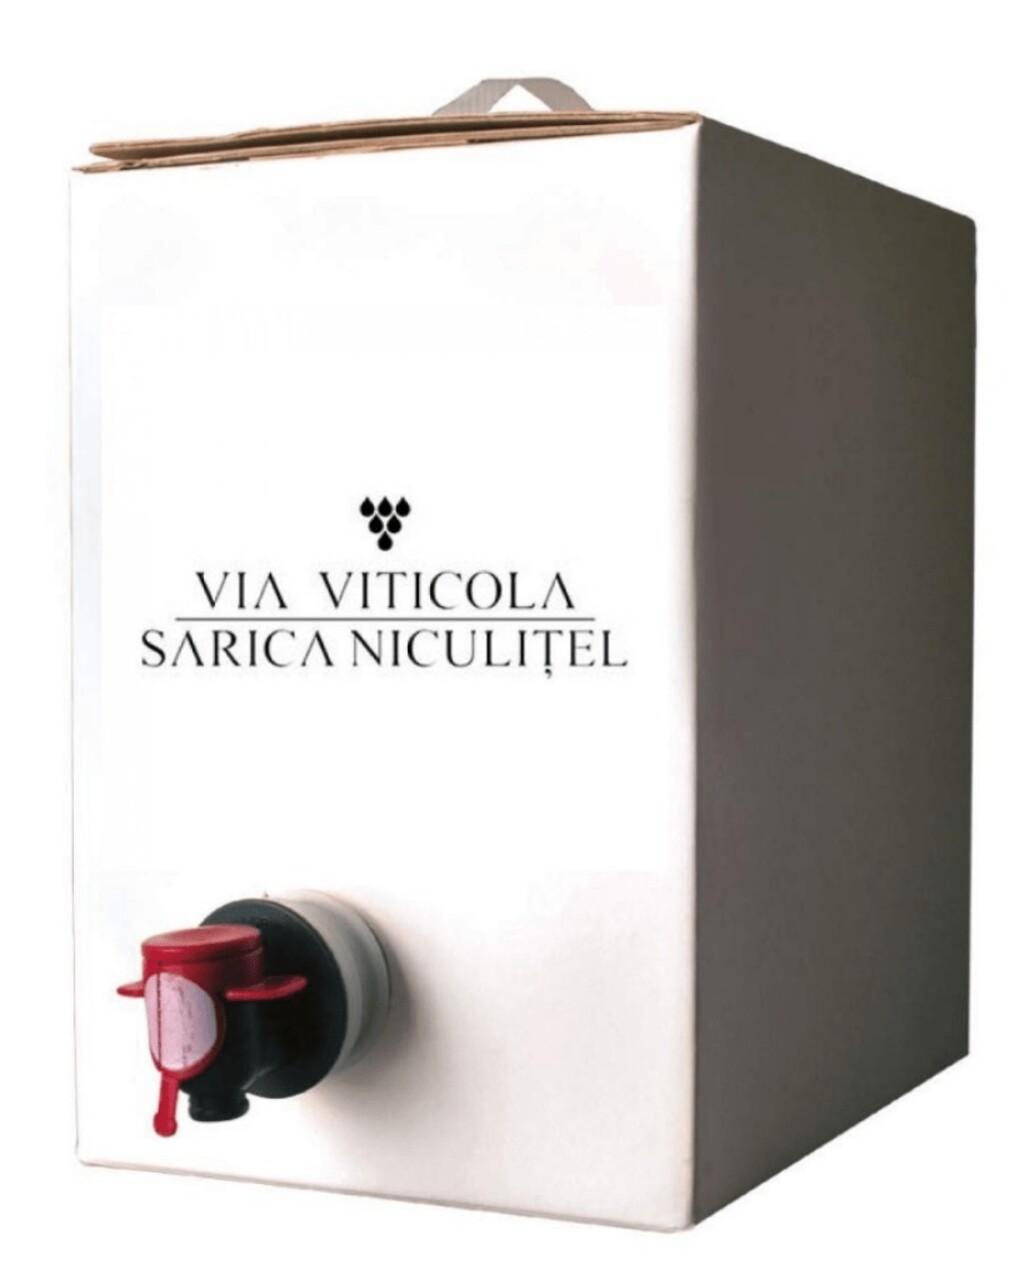 Sarica Niculitel Premium Sauvignon Blanc BIB 10L